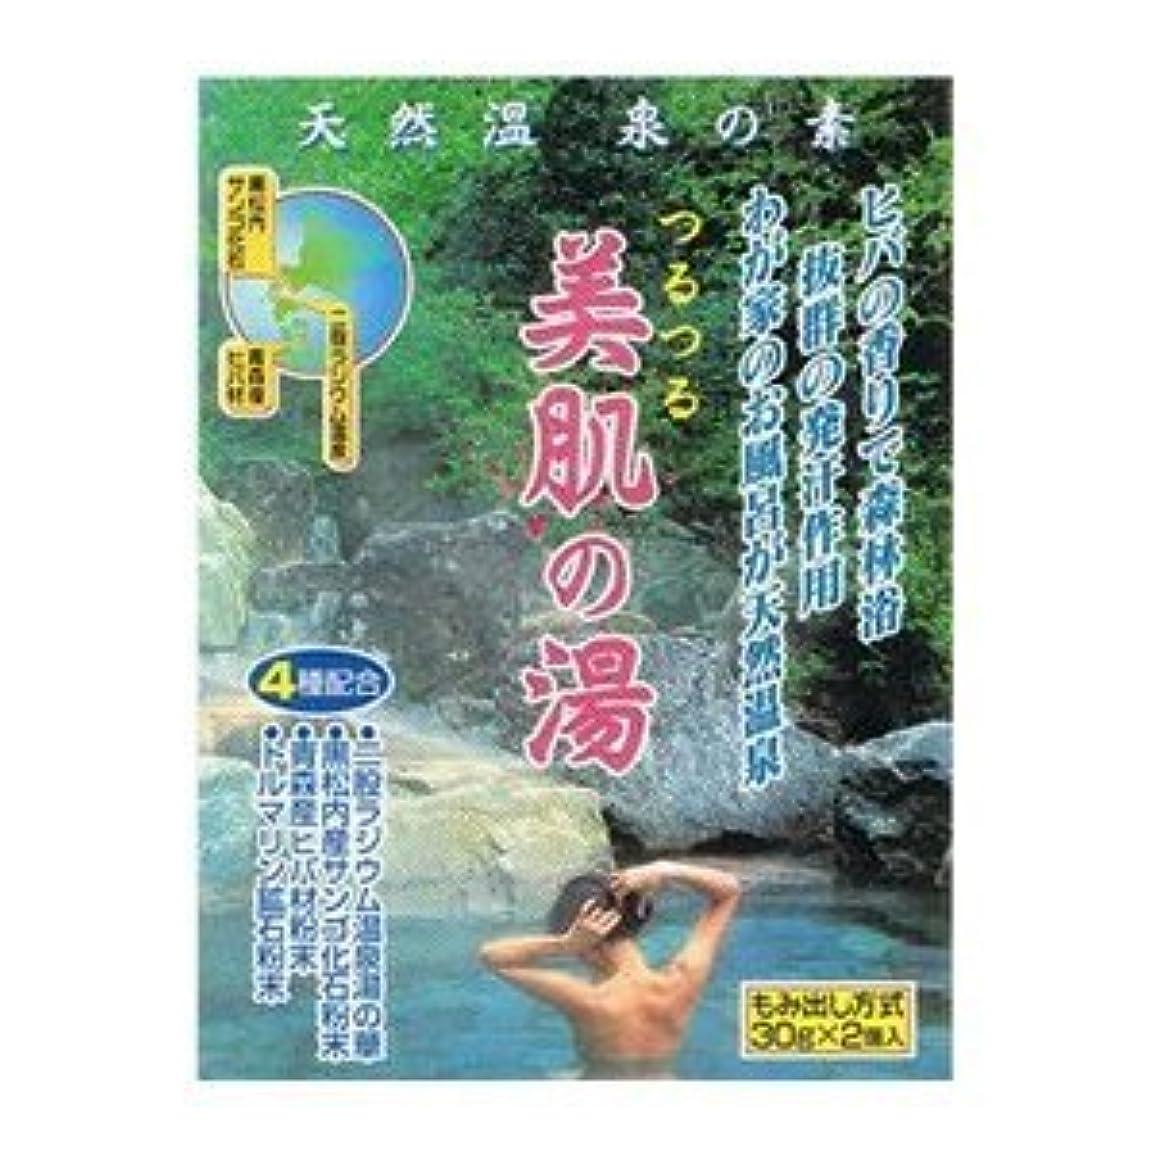 名詞所有権活発天然温泉の素 美肌の湯 (30g×2個入)×3袋セット